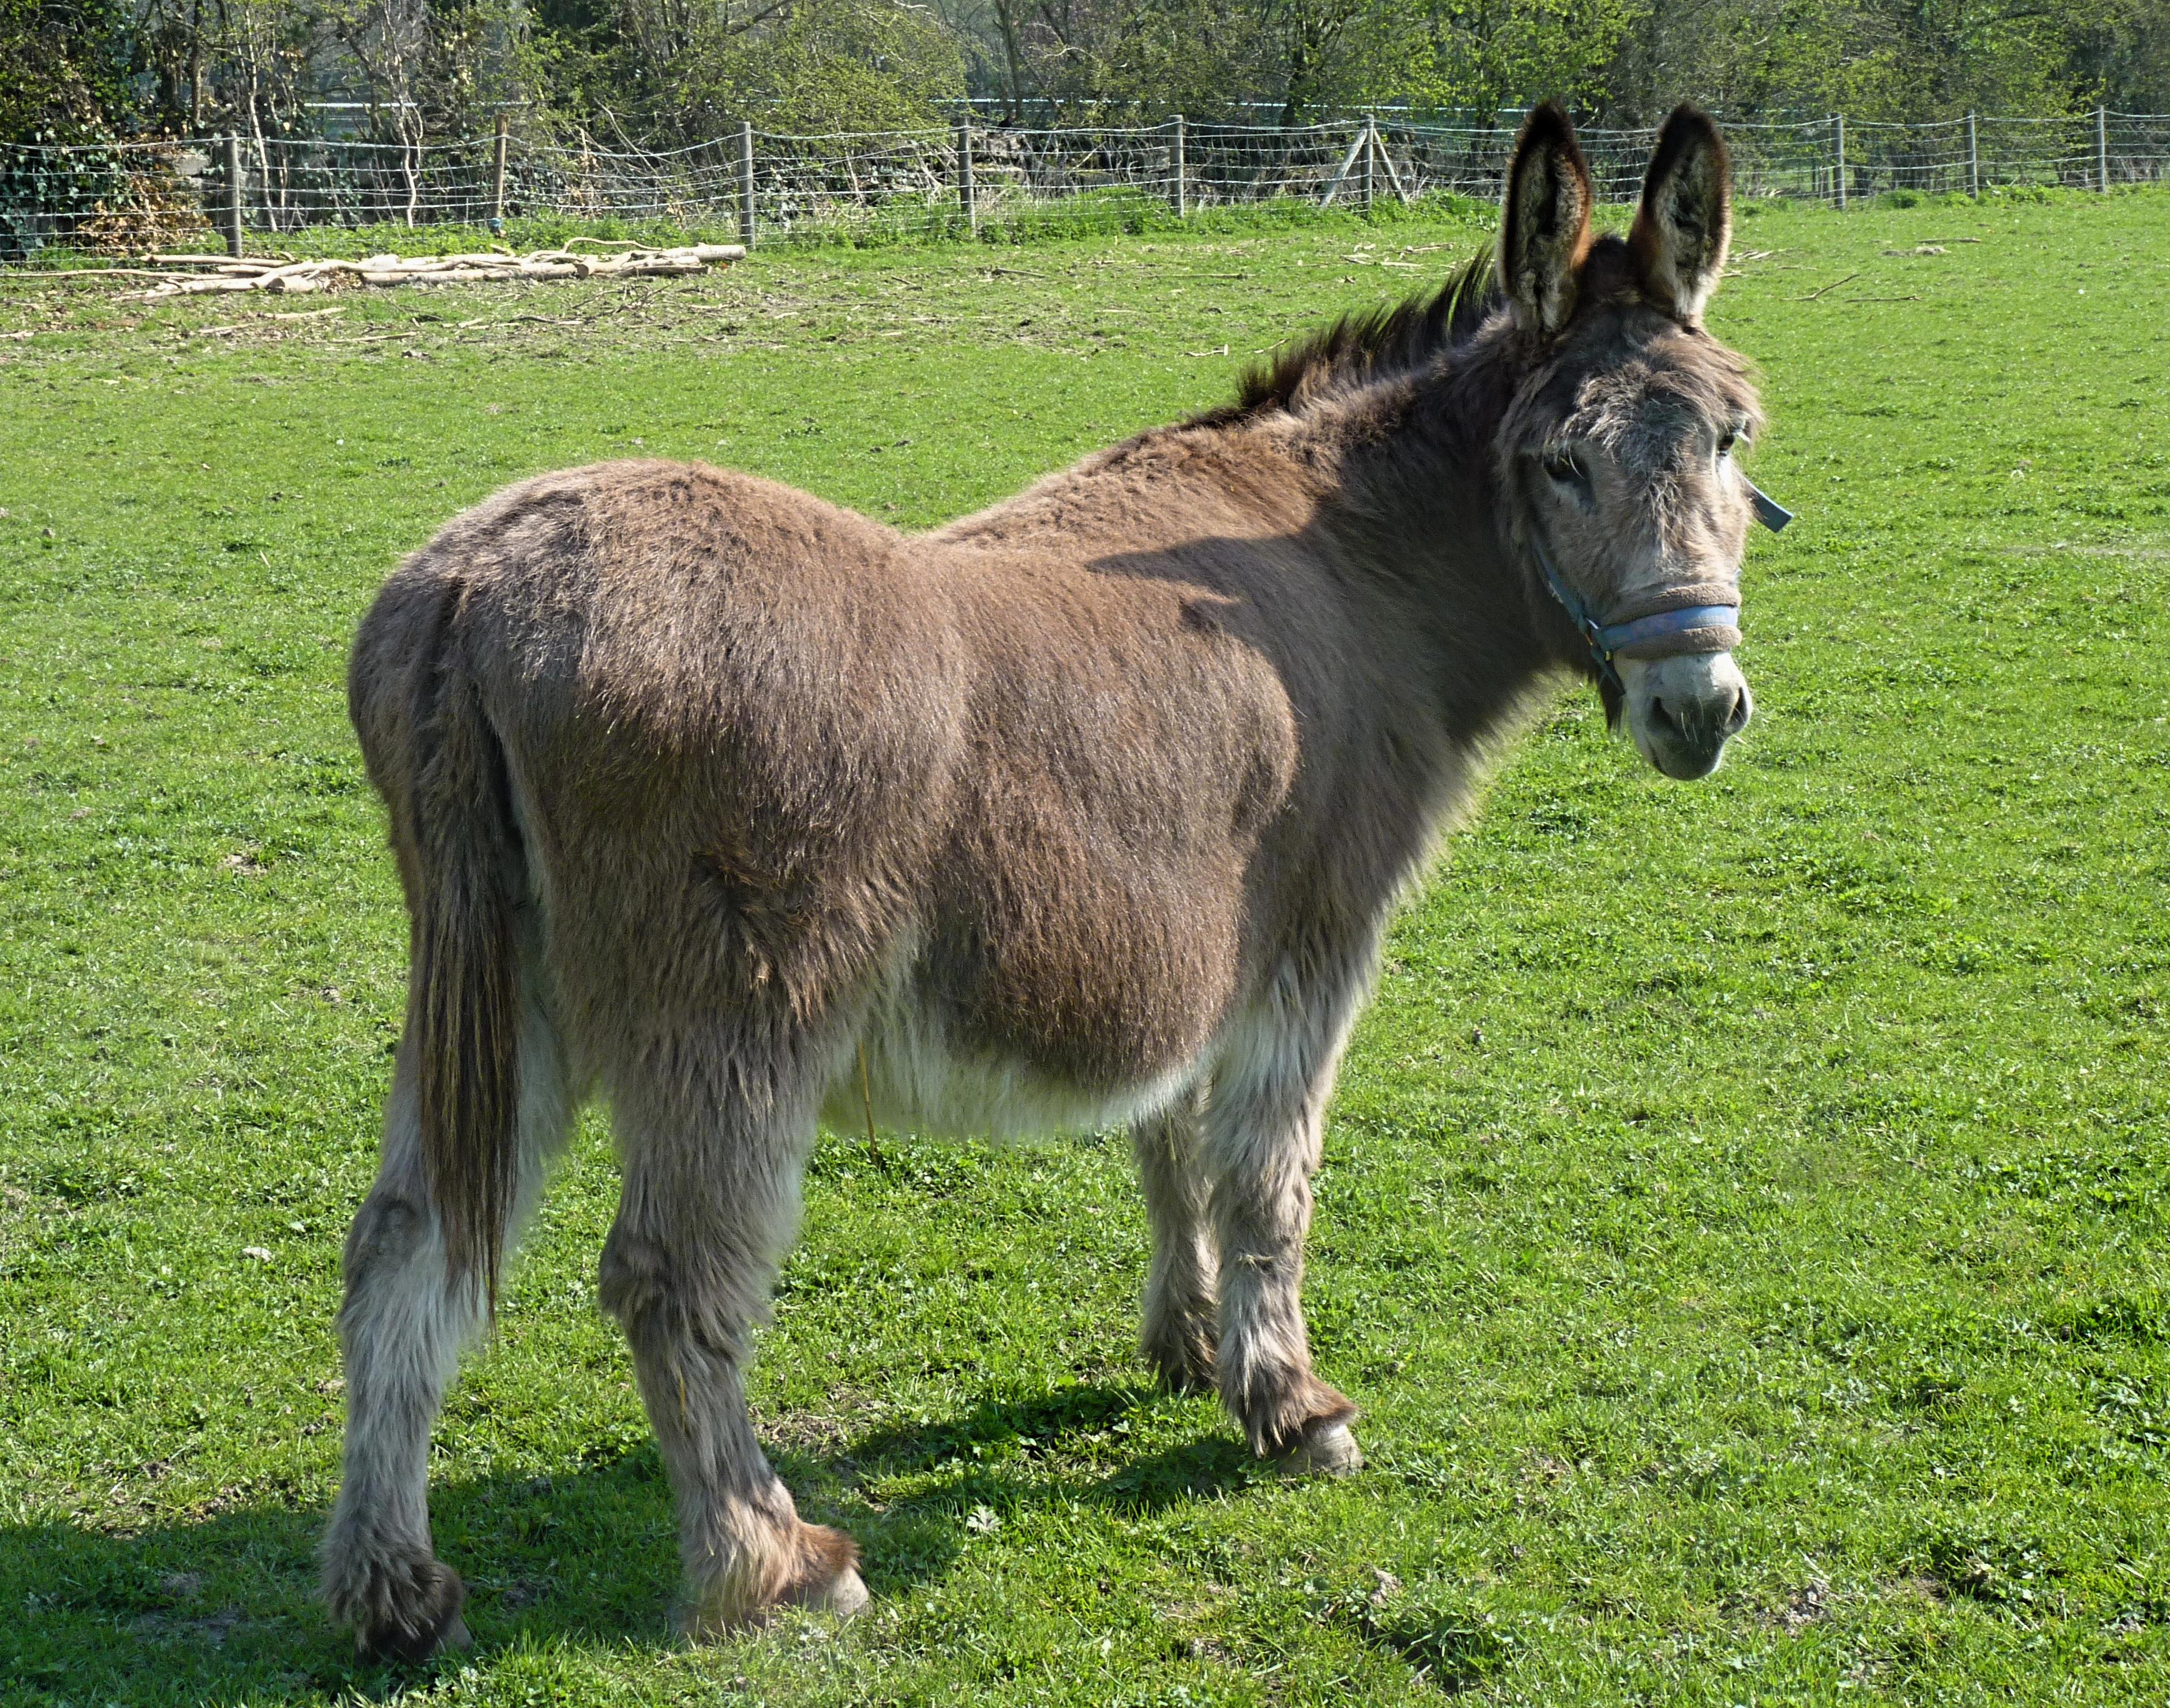 Donkey_J1.jpg